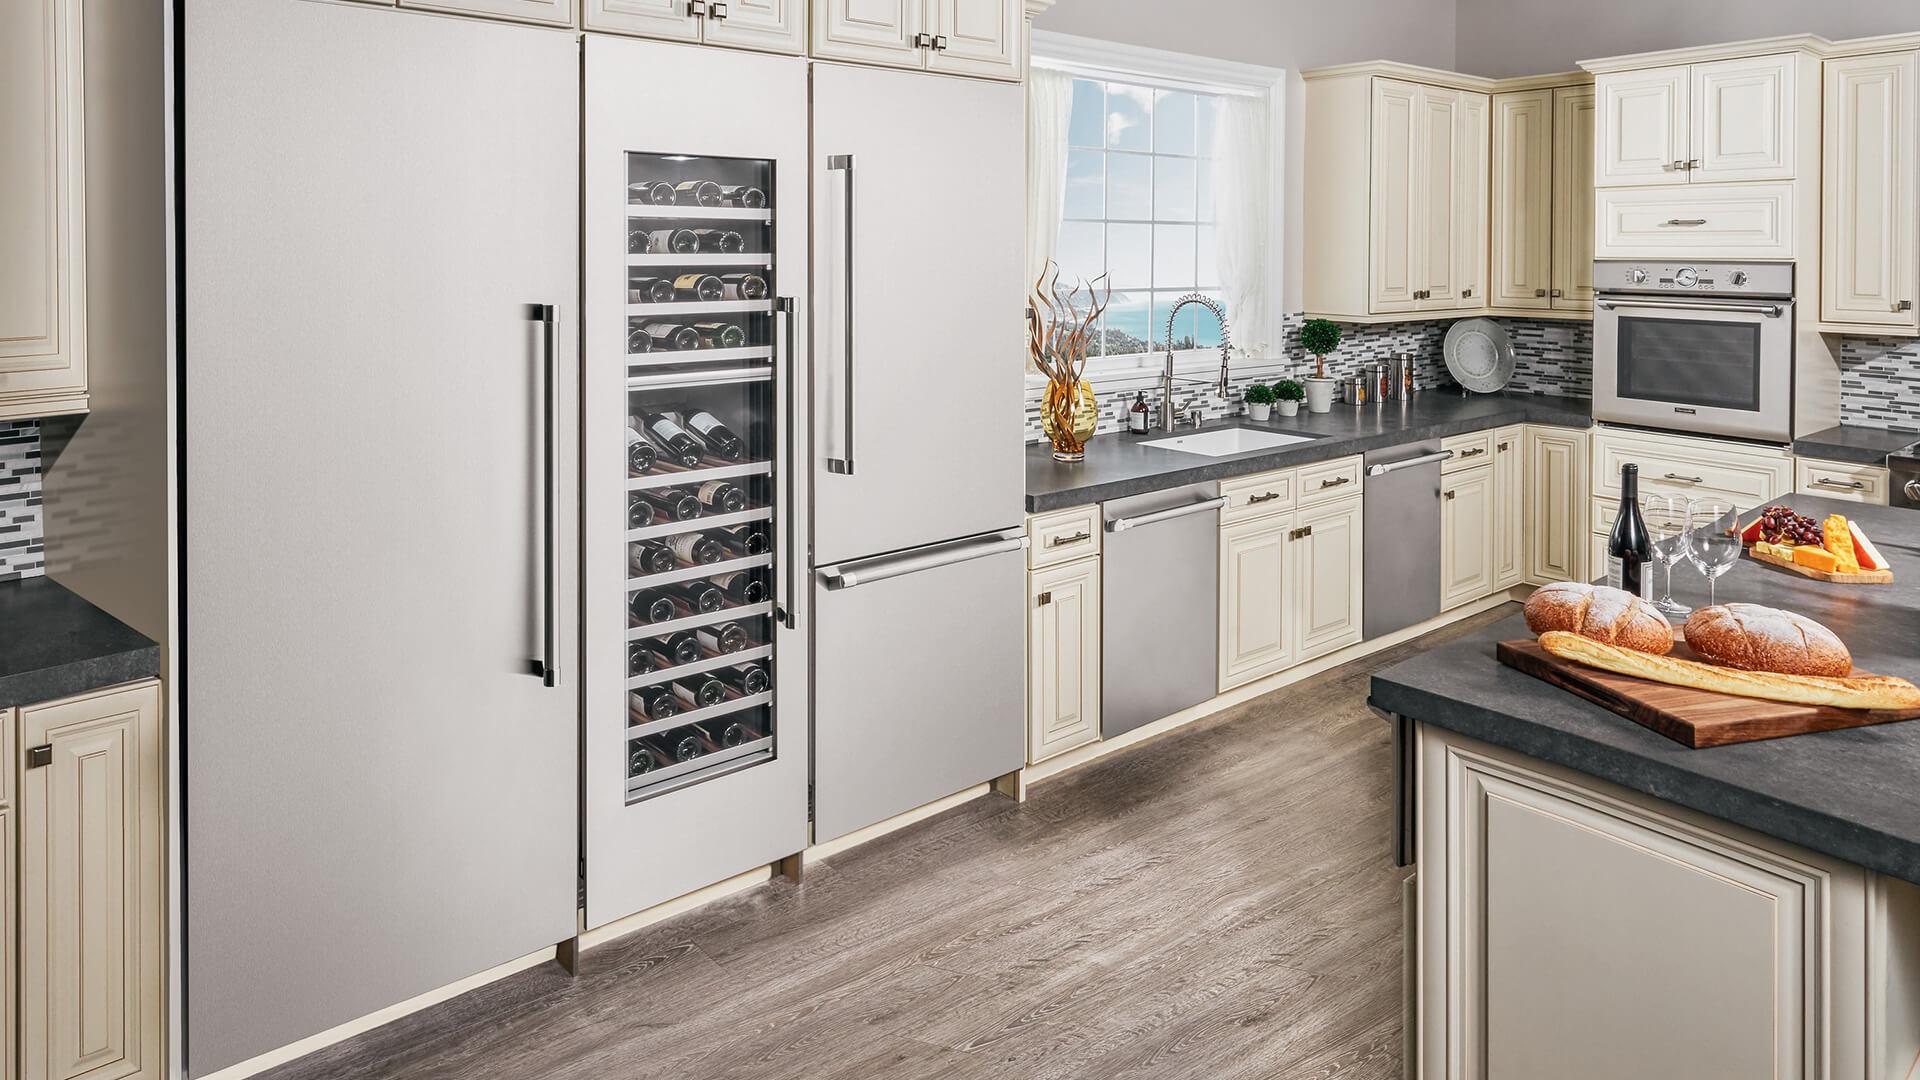 Thermador Refrigerator Repair   Thermador Repair Service